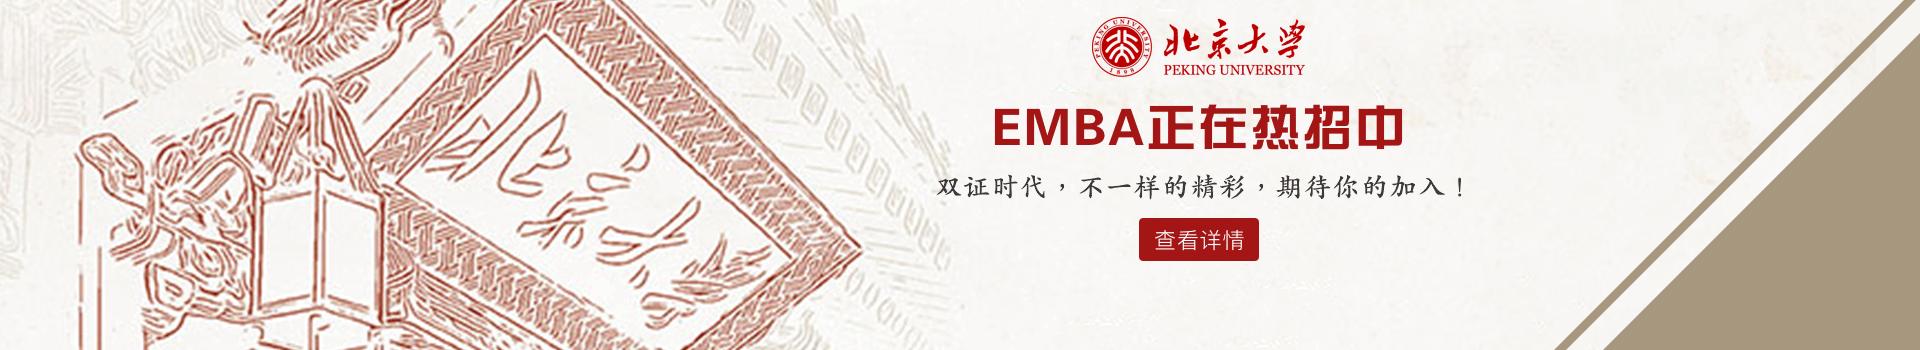 北京大学光华管理学院高级工商管理硕士(综合EMBA)招生简章